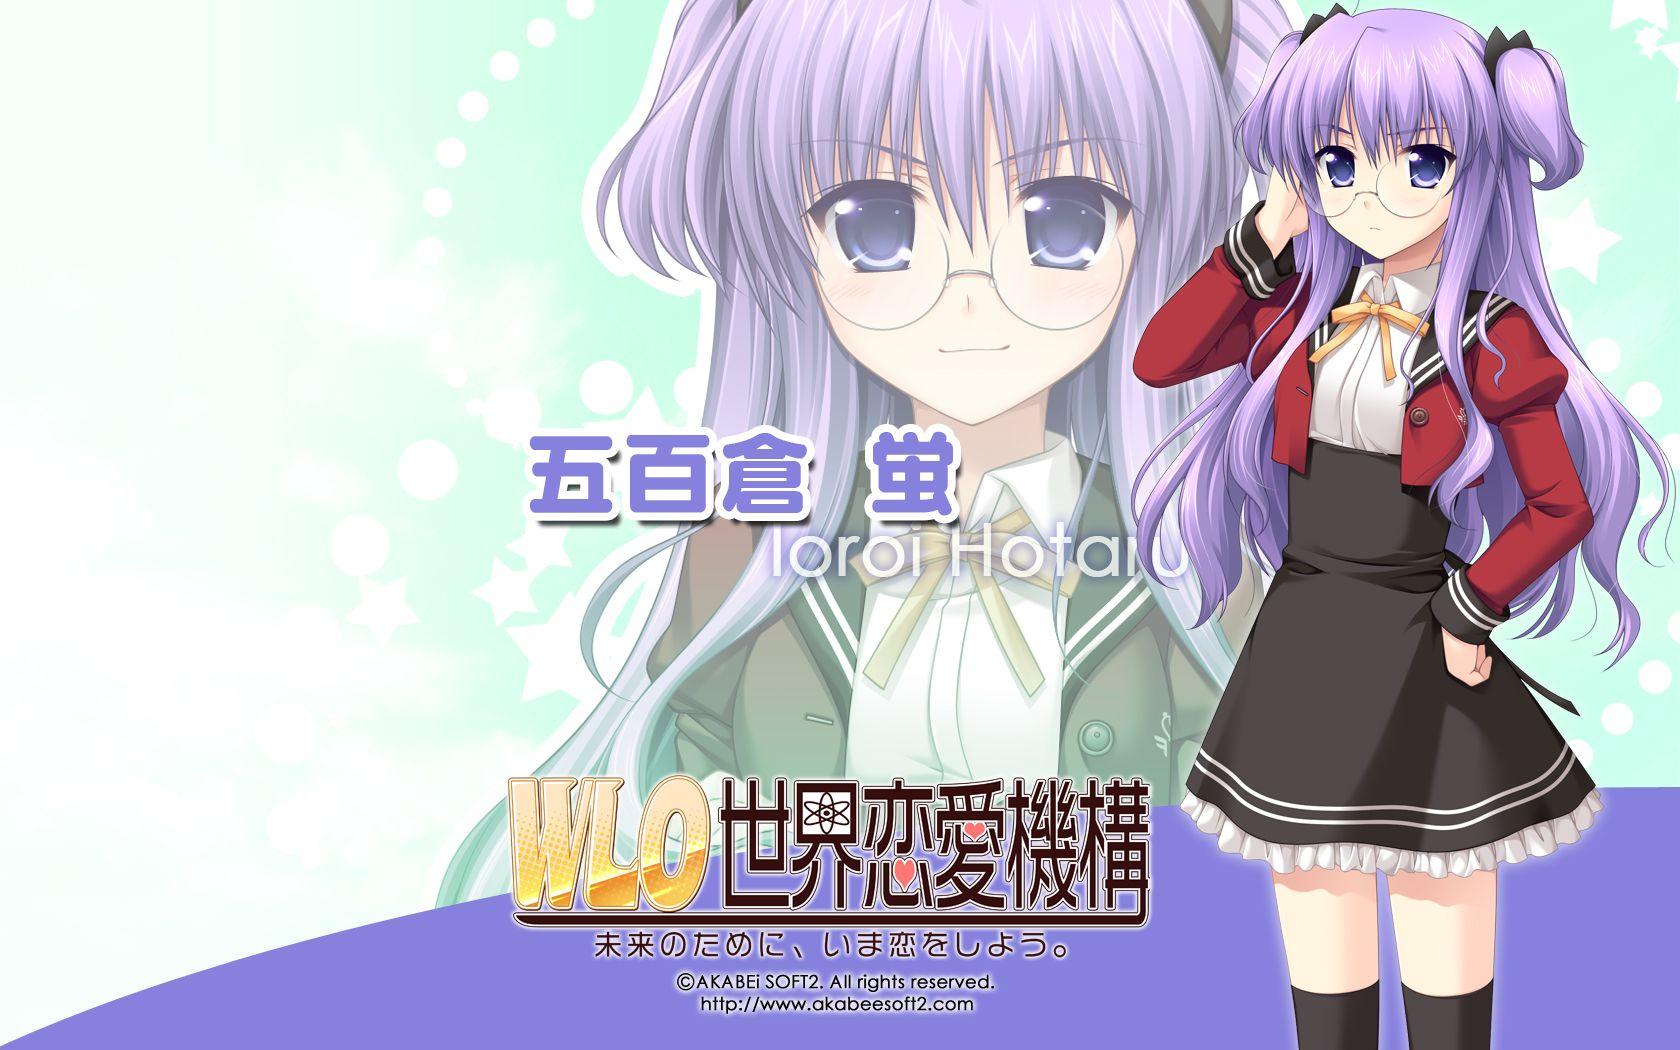 sekai_renai_kikou-03(1680x1050).jpg